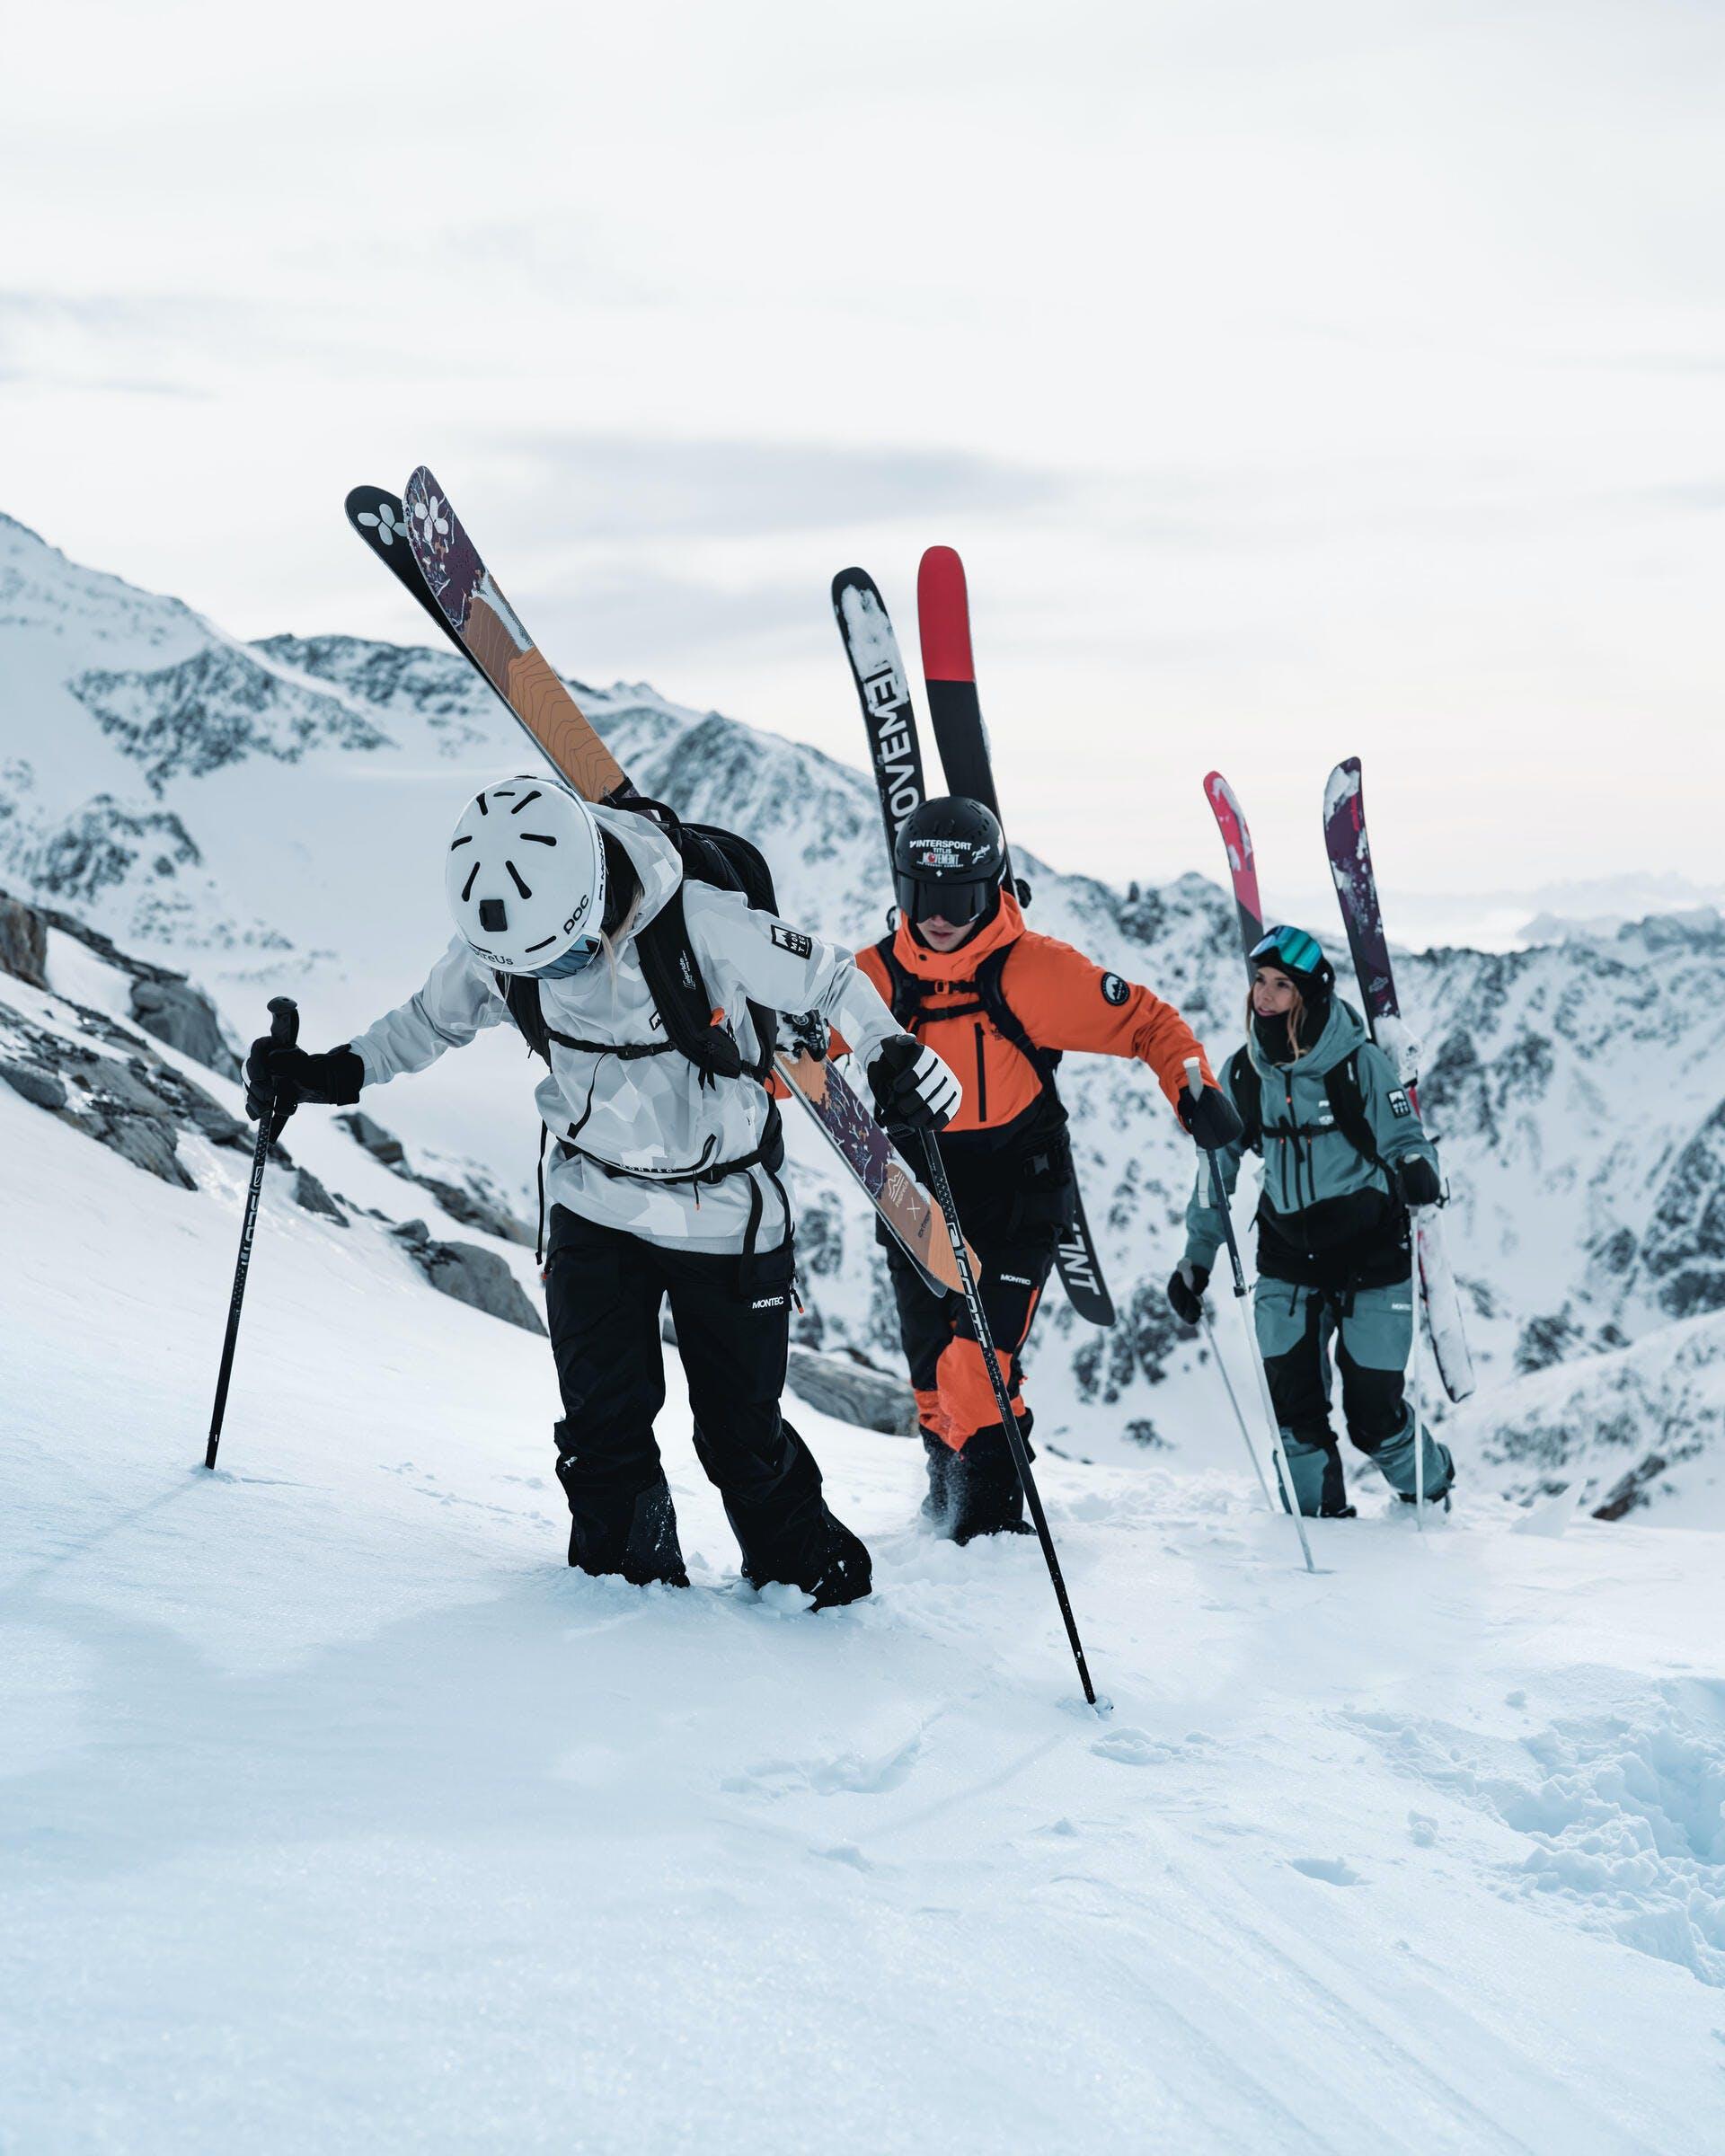 ski touring safety